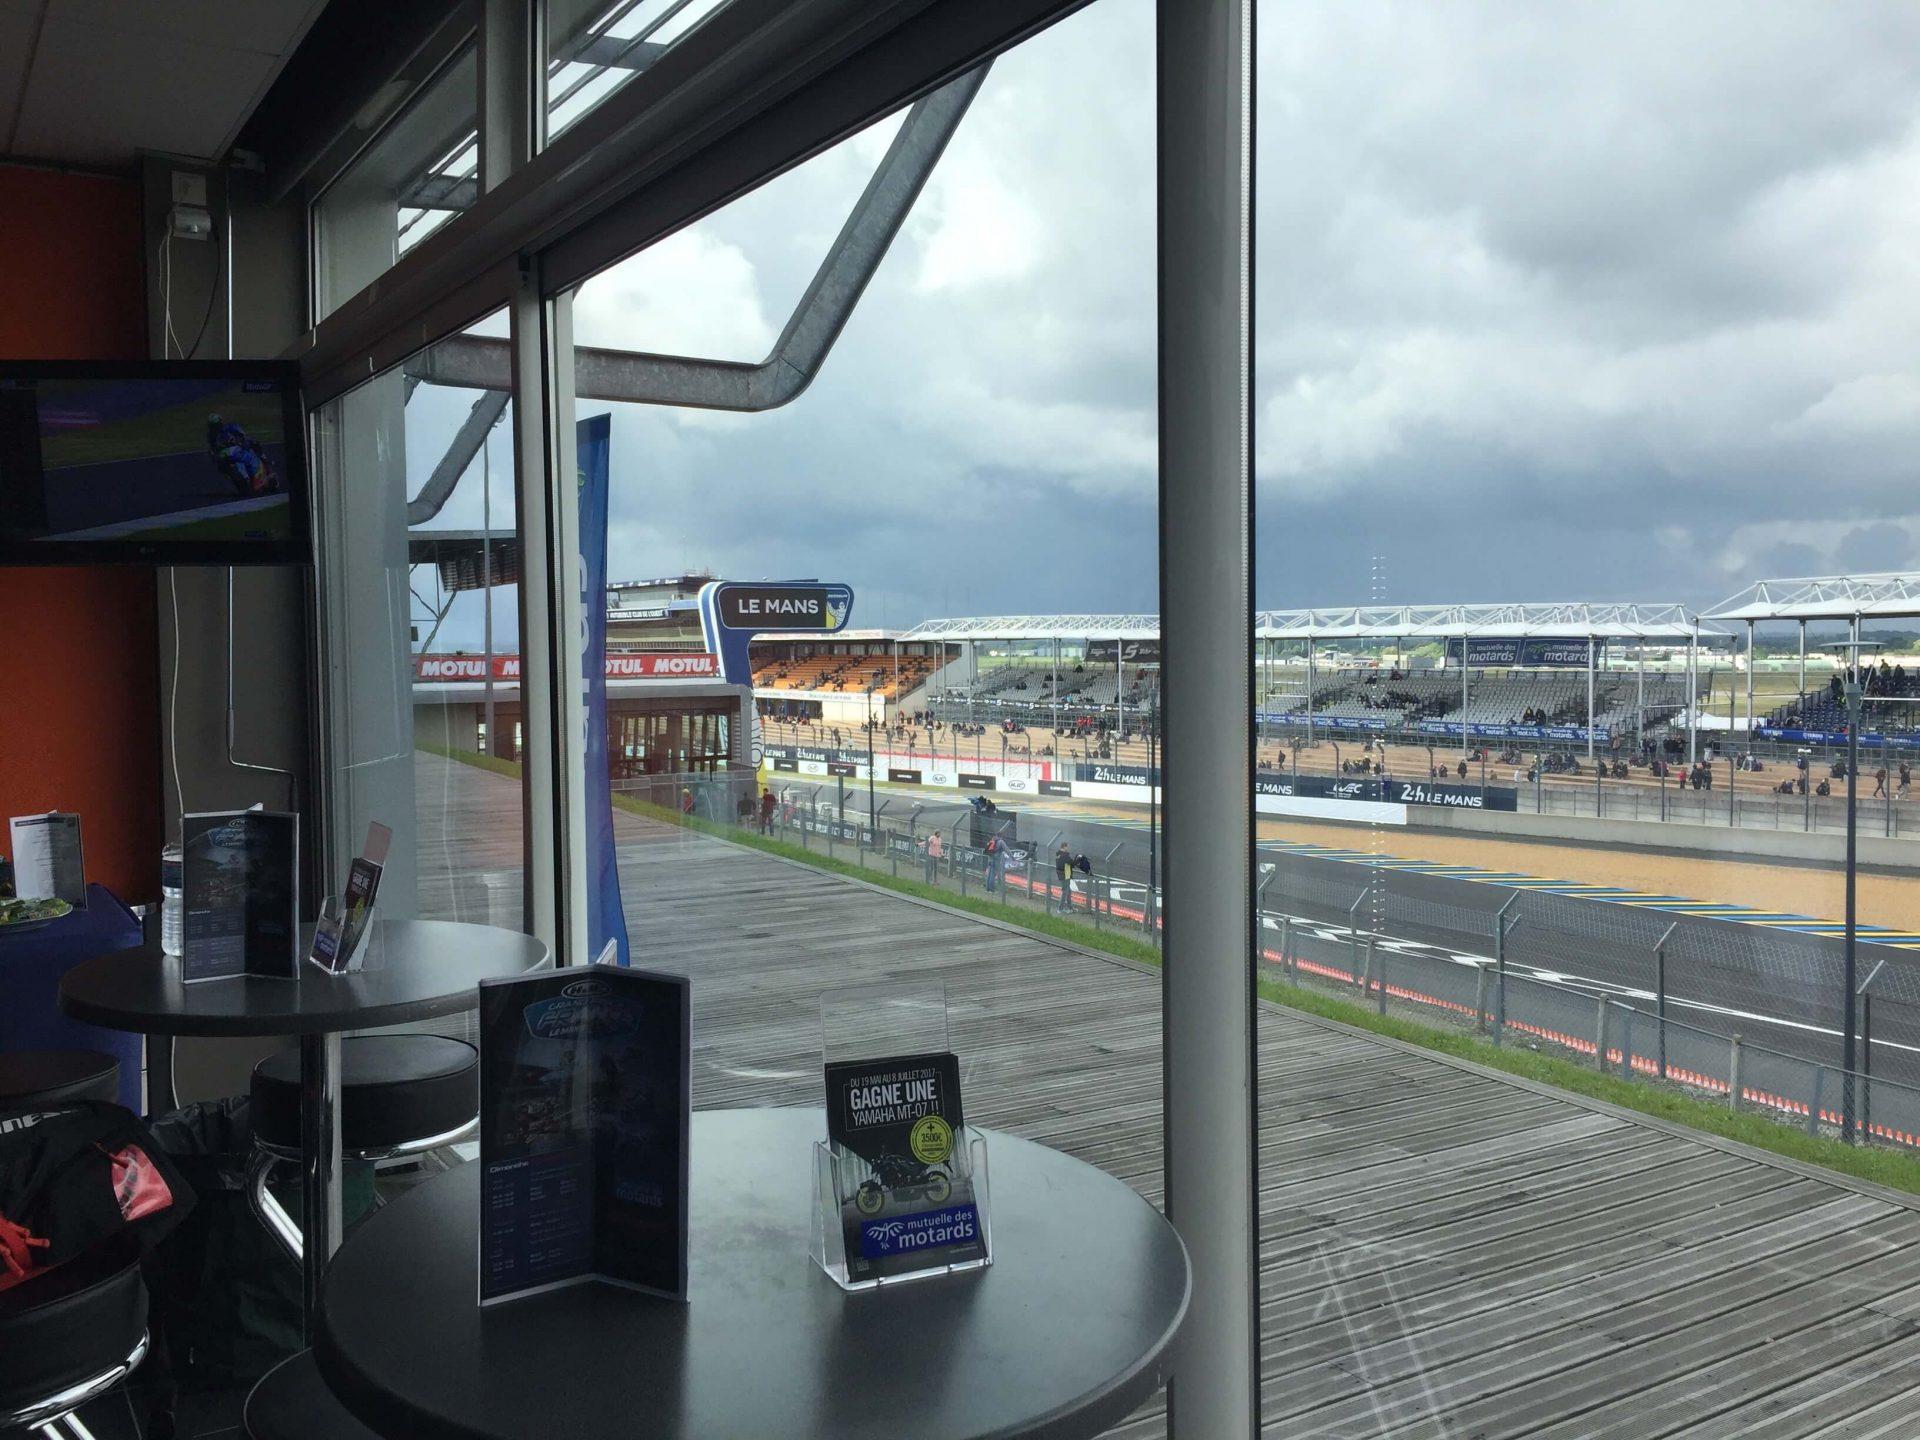 La vue du Moto GP 2017 depuis Mutuelle des Motards